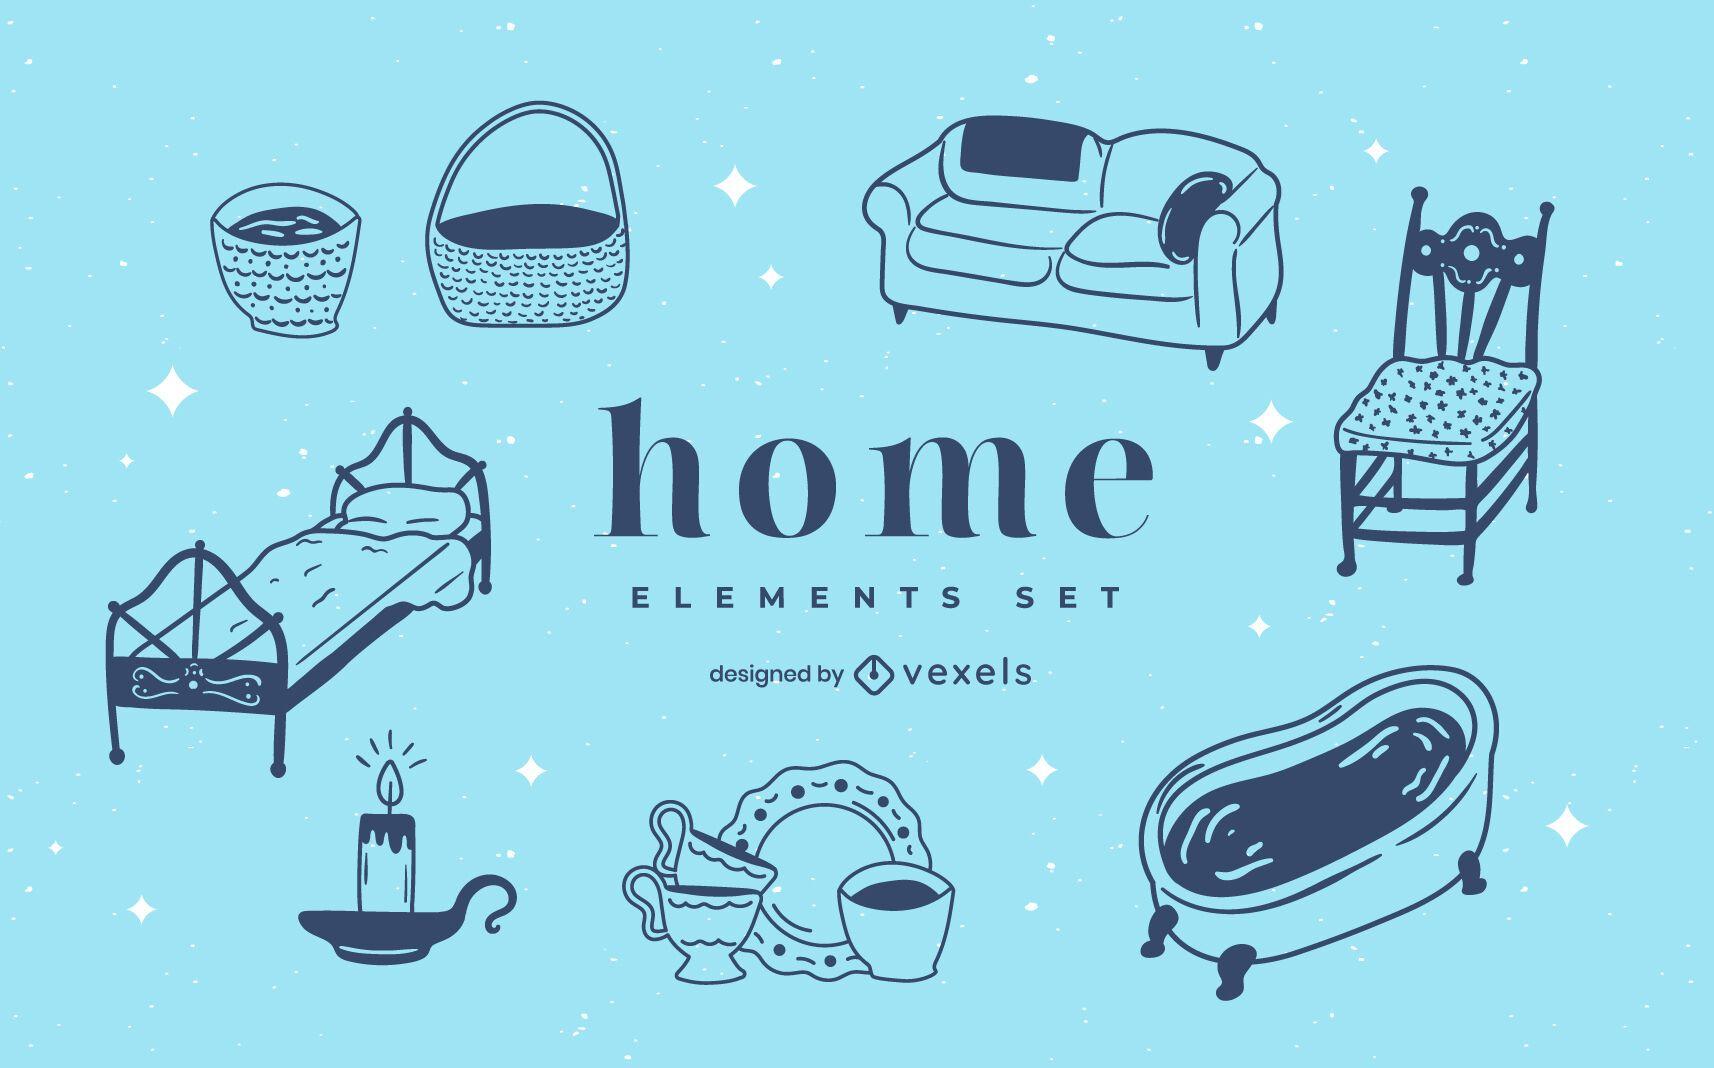 Home elements doodle set